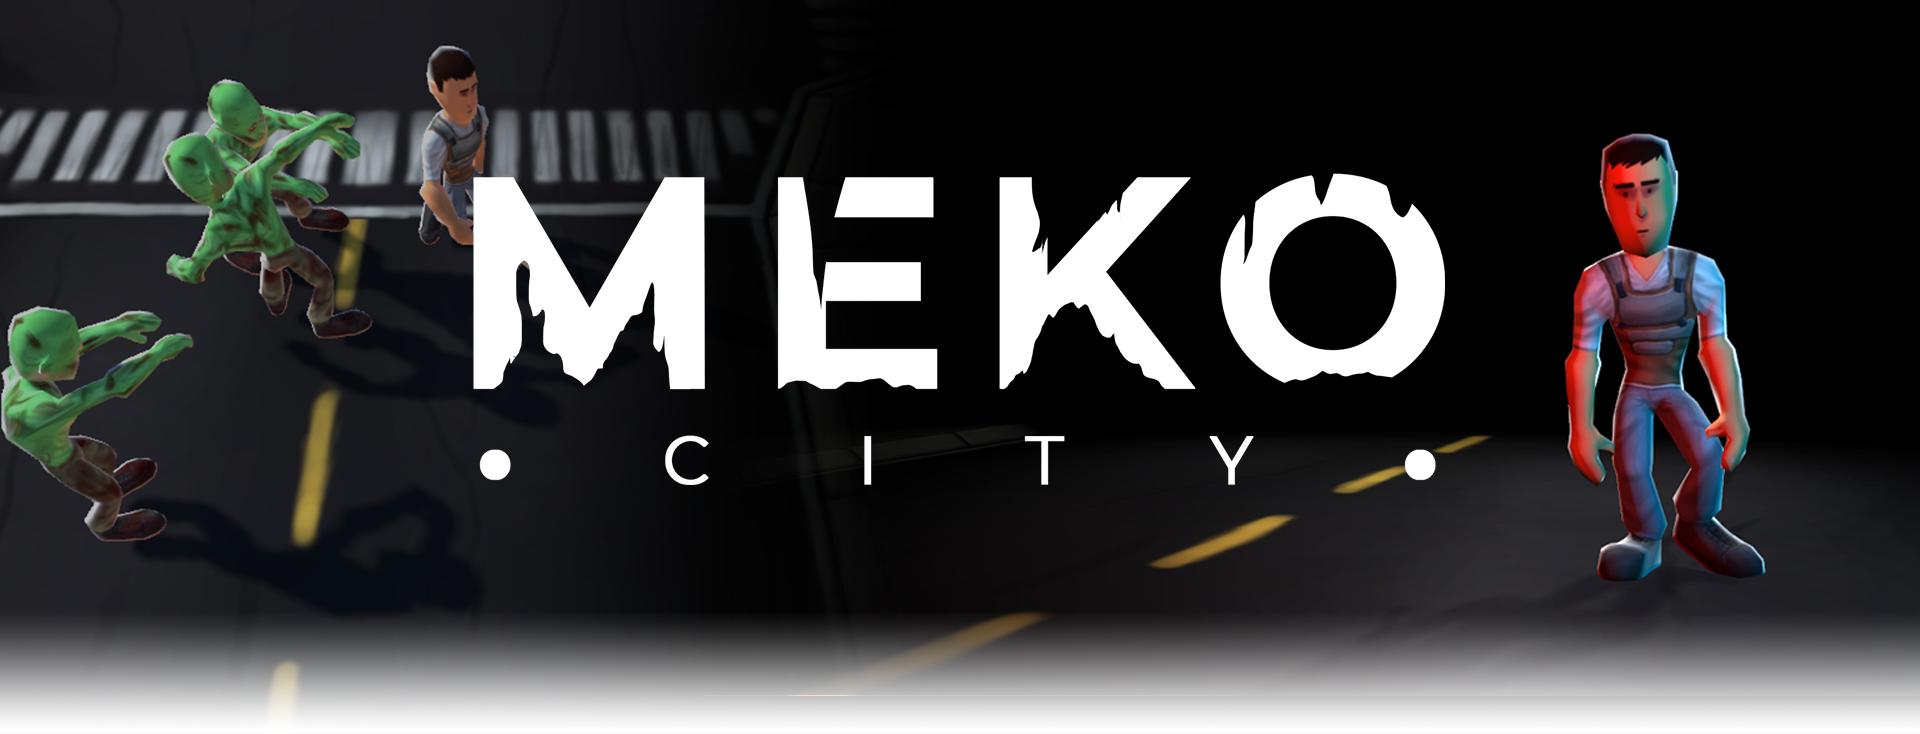 Meko City